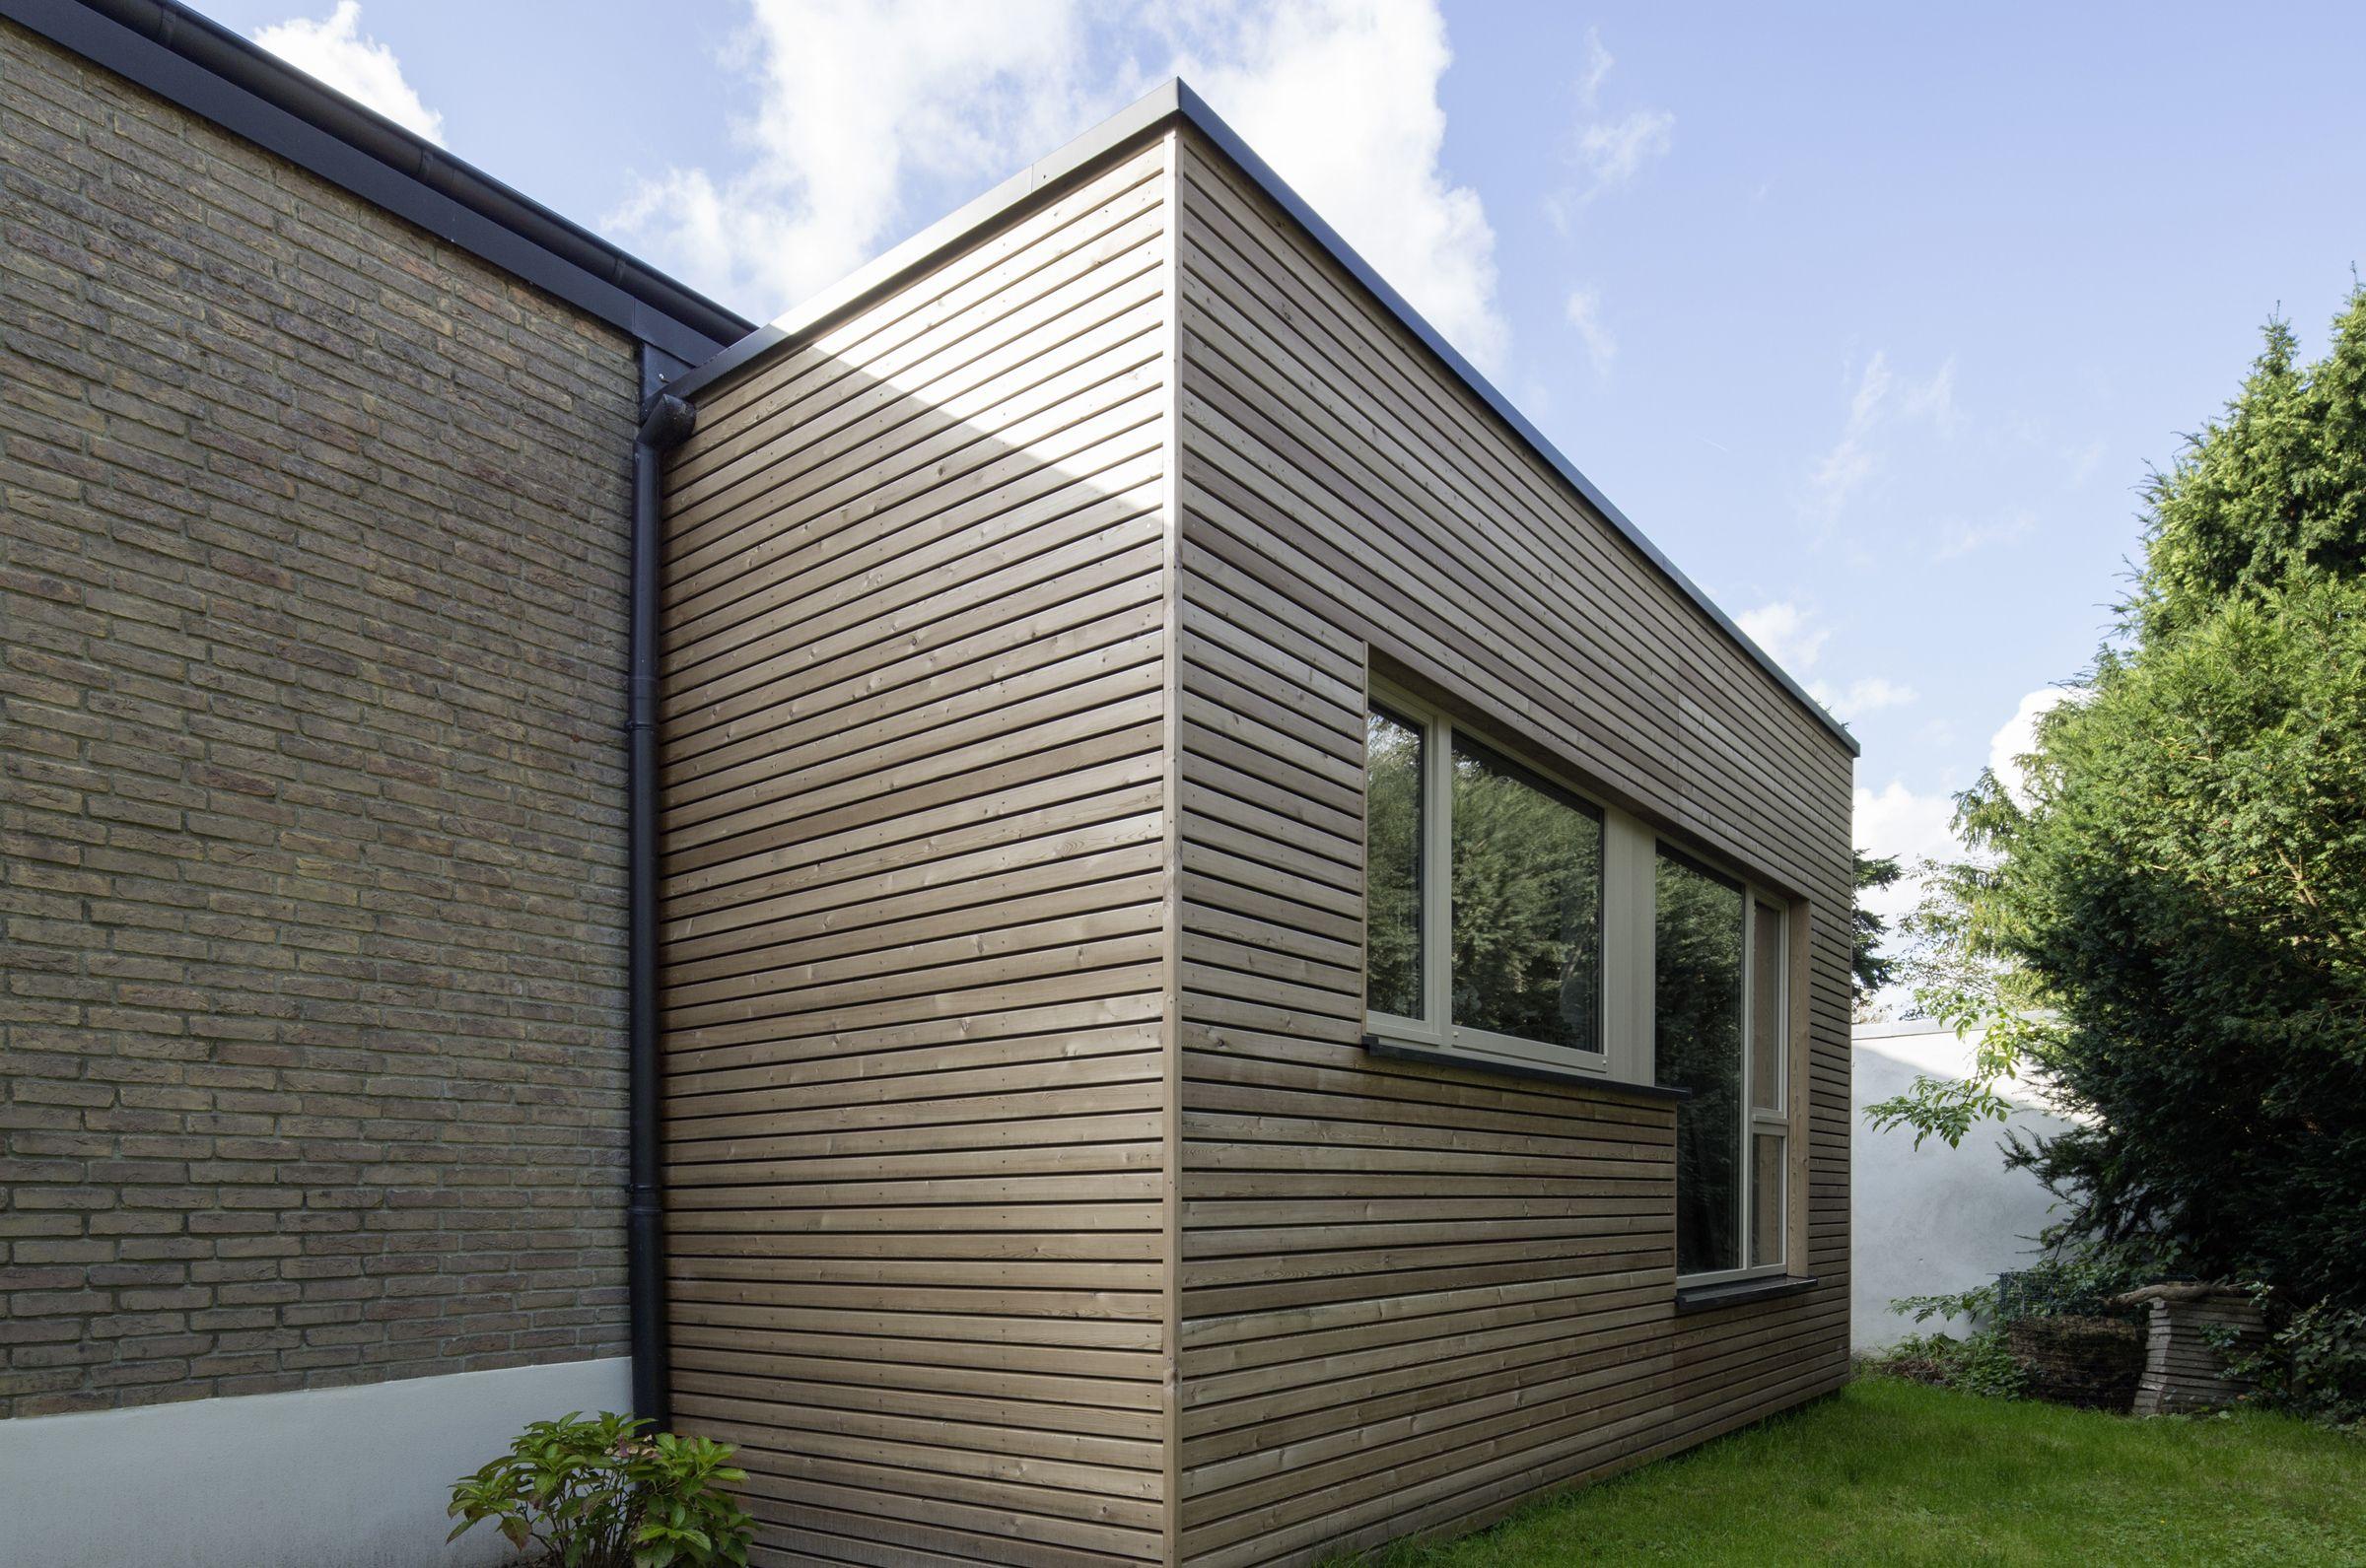 haus m m nster erweiterung wohnraum mit l rchenholzschalung a n b a u e r w e i t e r u n. Black Bedroom Furniture Sets. Home Design Ideas